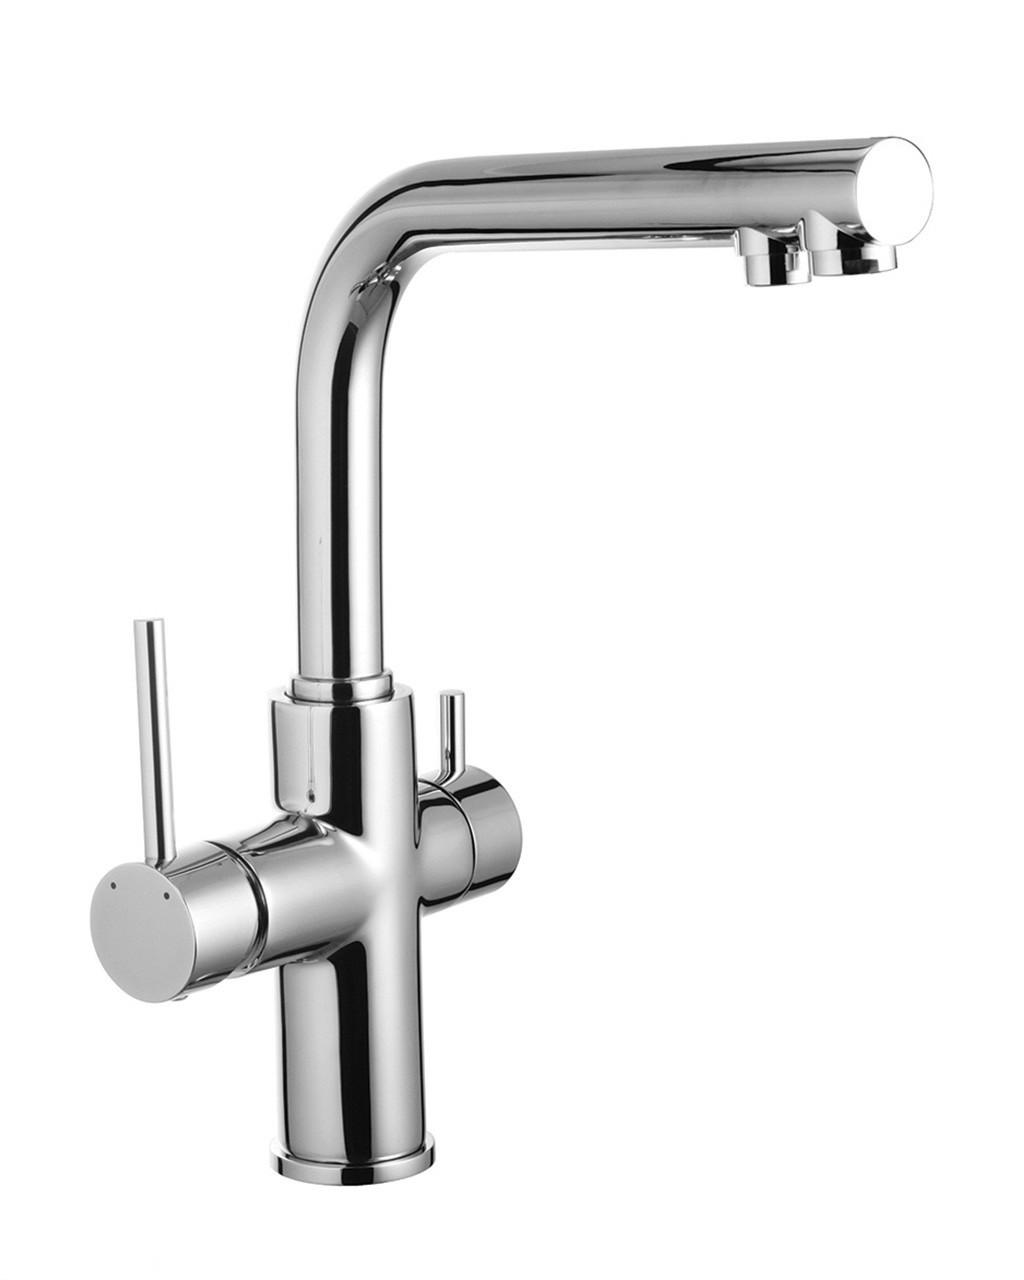 DAICY змішувач для кухні одноважільний з підключенням питної води.